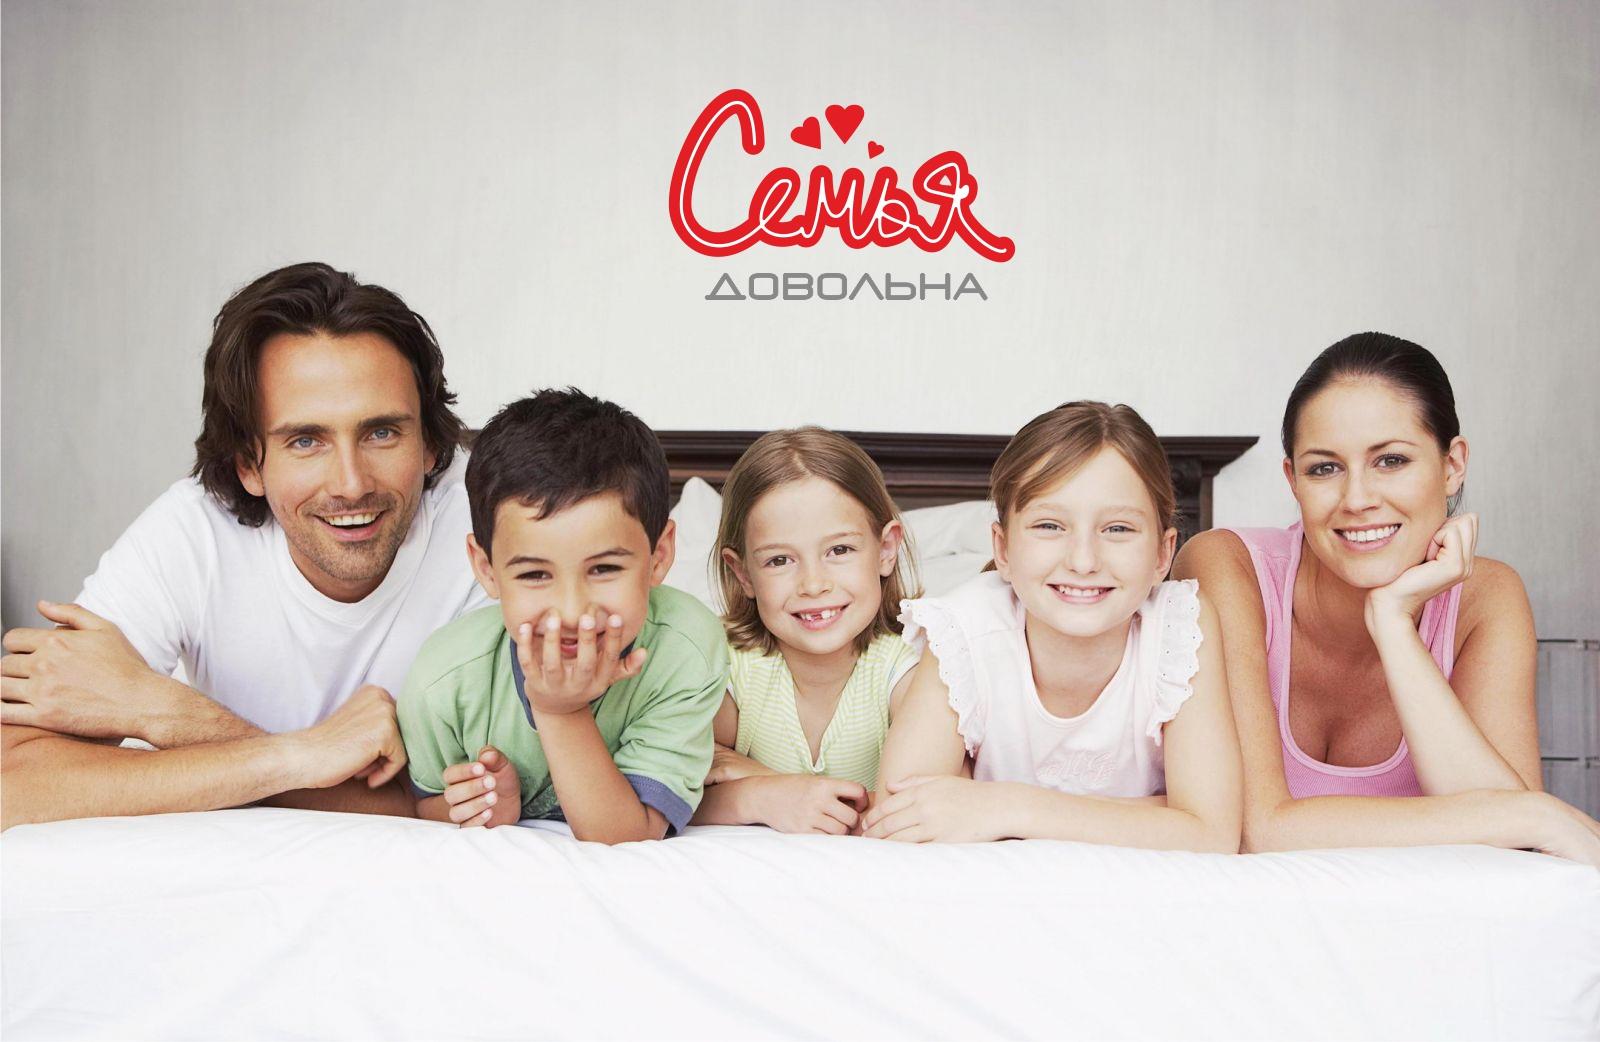 """Разработайте логотип для торговой марки """"Семья довольна"""" фото f_967596caf35c178d.jpg"""